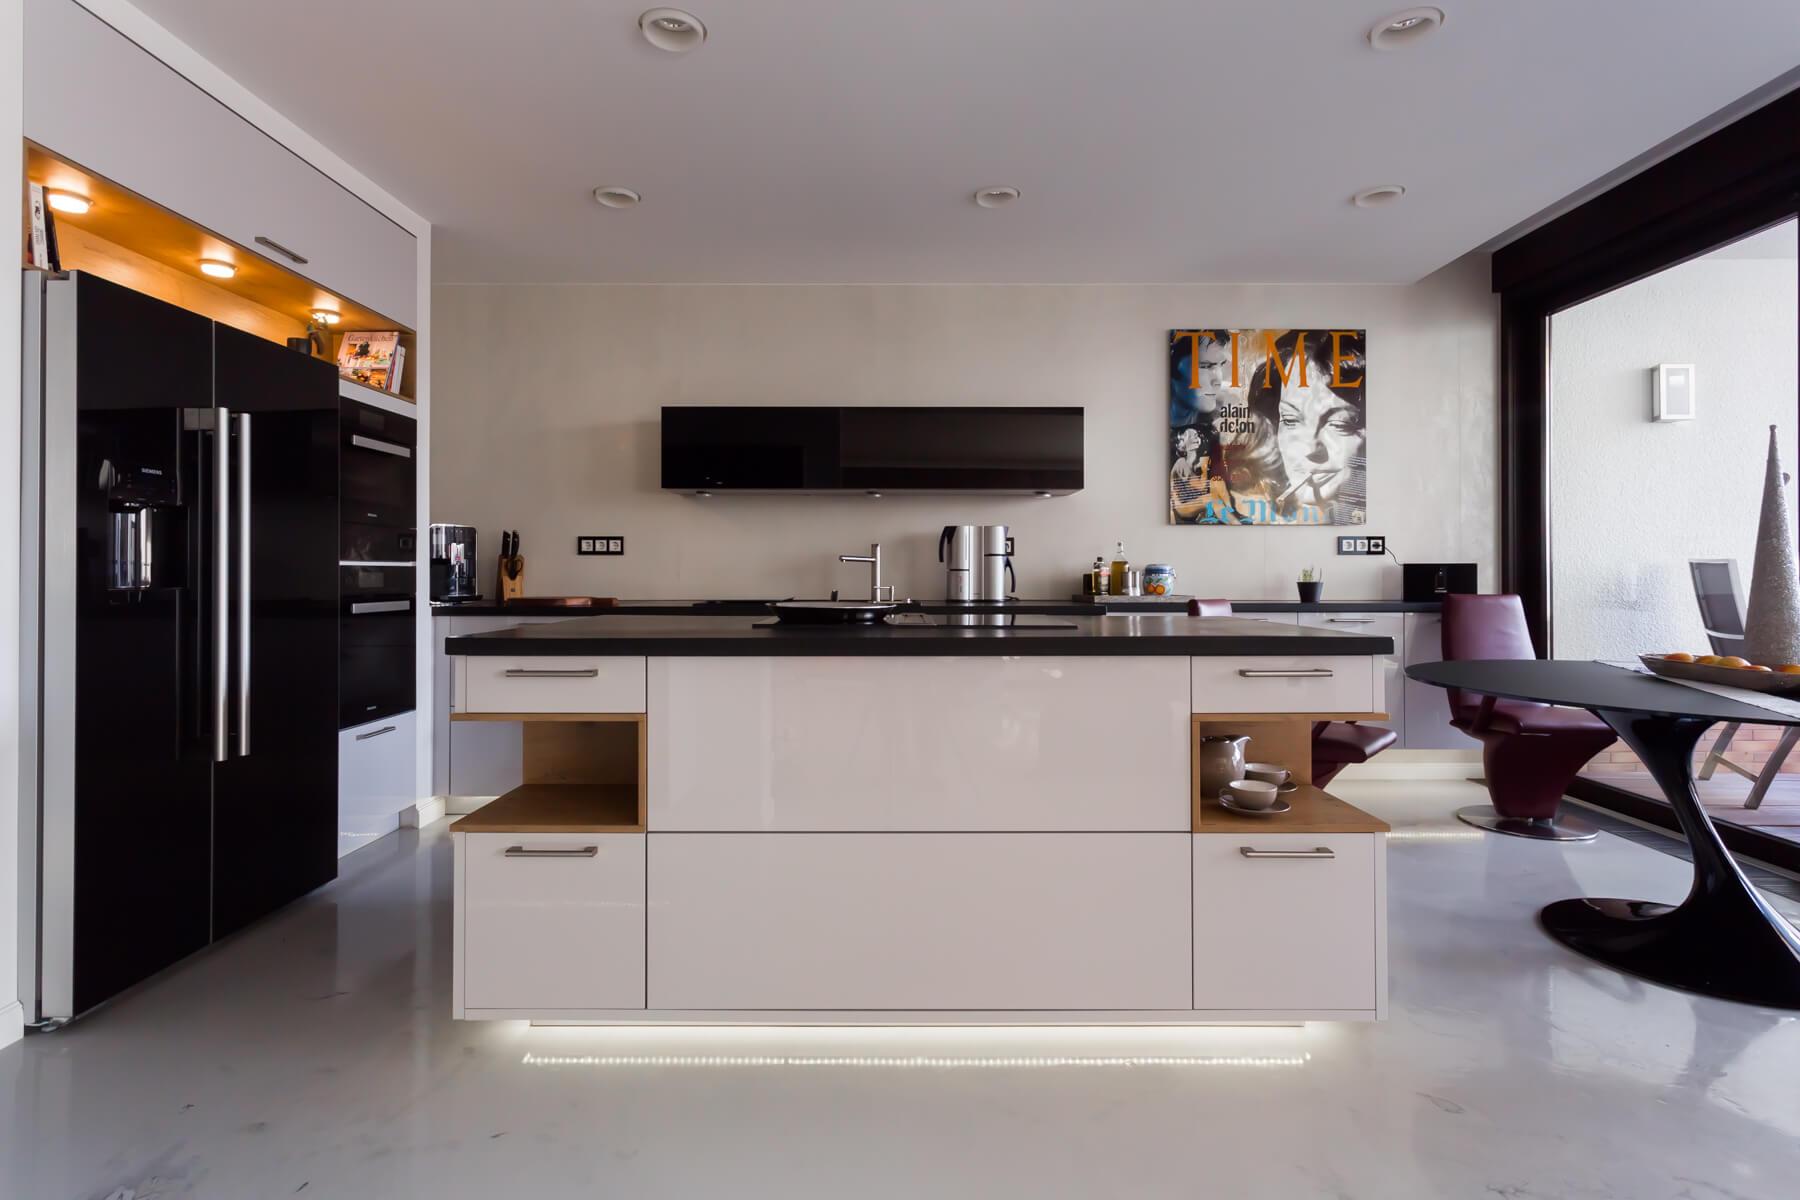 moderne designk che erfurt 2014 kieppe. Black Bedroom Furniture Sets. Home Design Ideas